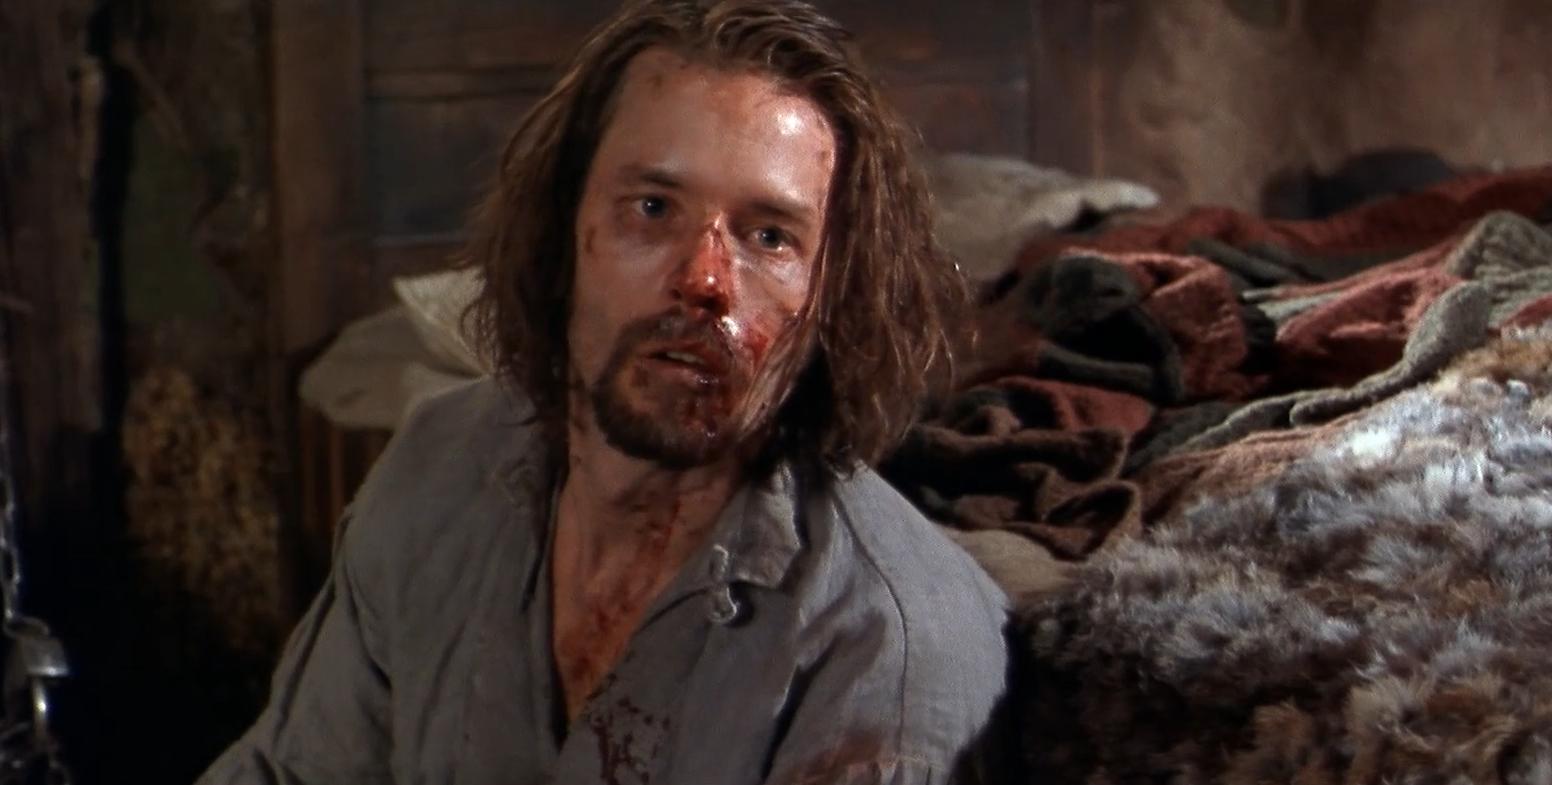 ESPECIAL: 15 brutales películas de terror basadas en hechos reales